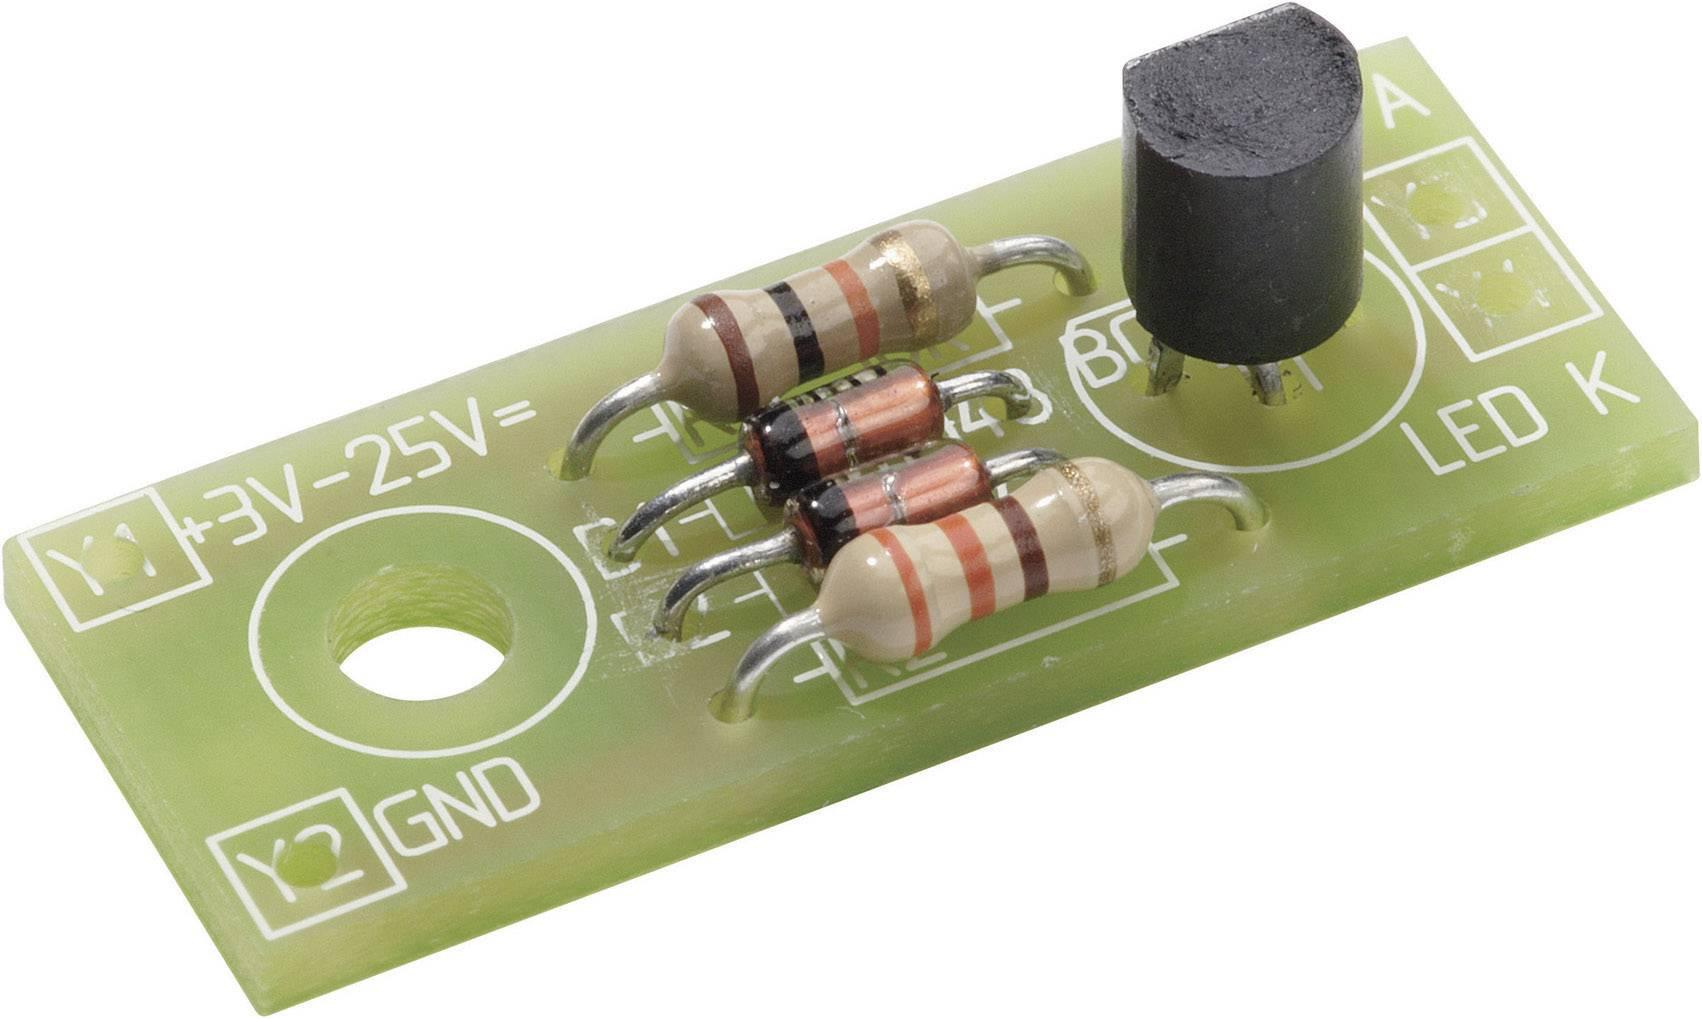 Konstantní zdroj proudu pro LED, 3 - 25 V/DC, 28,2 x 11,4 x 12 mm